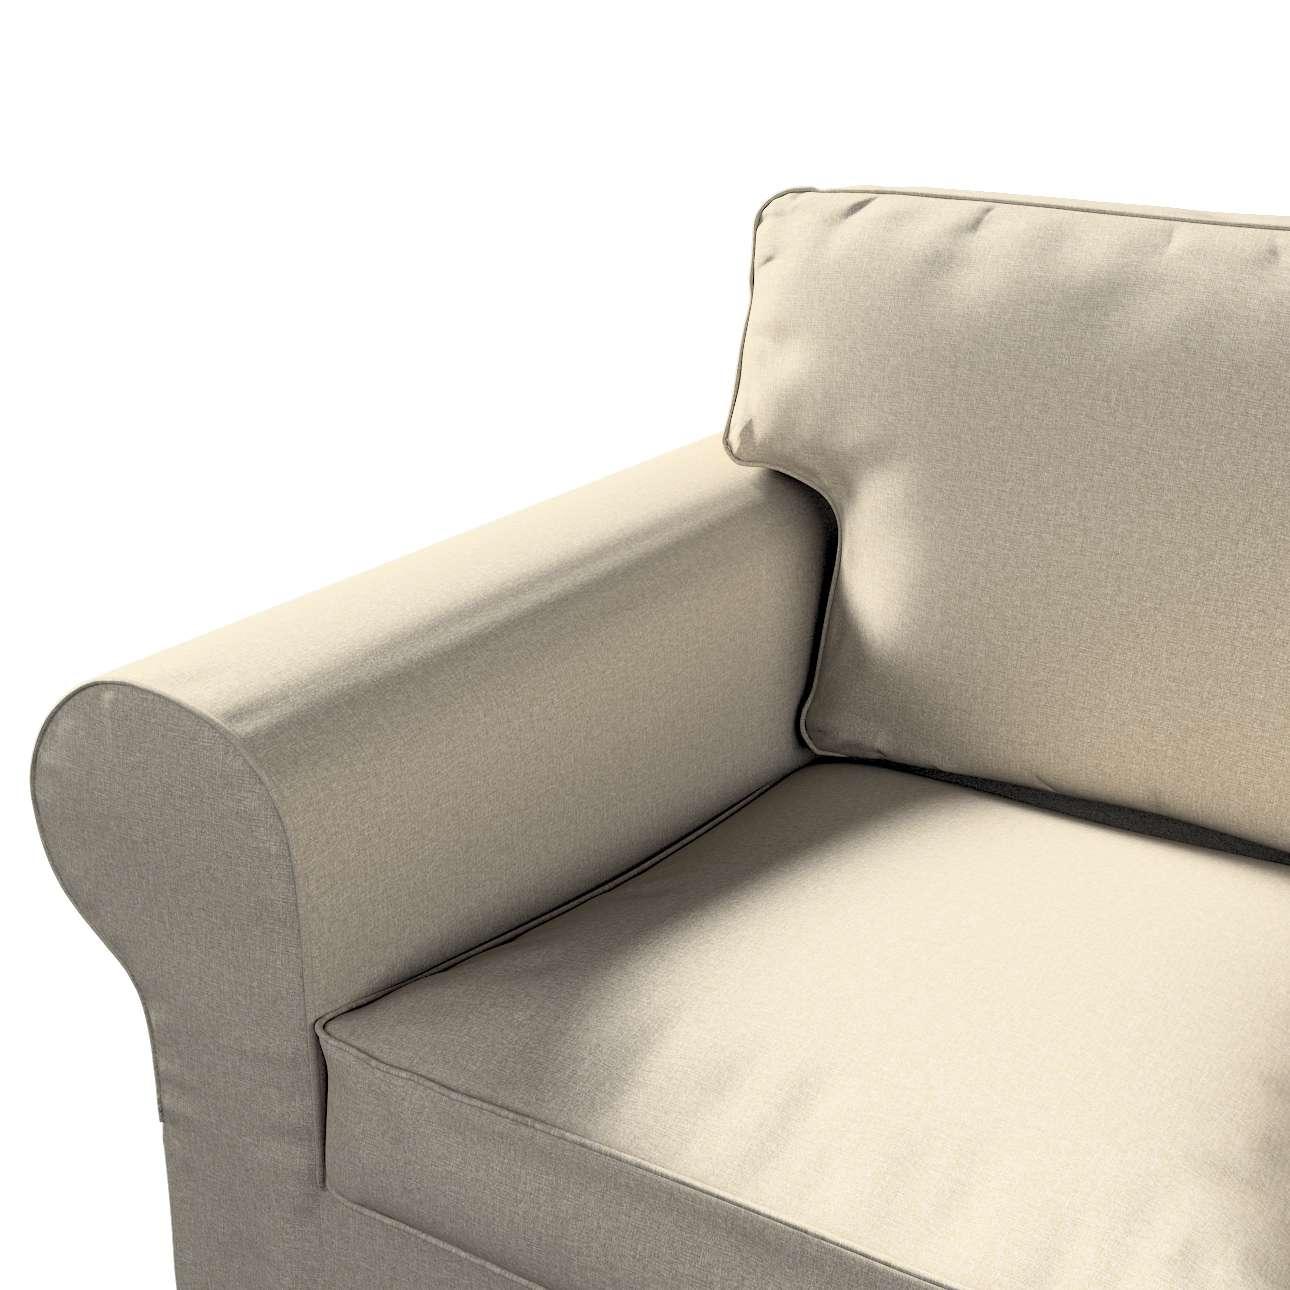 Pokrowiec na sofę Ektorp 2-osobową rozkładaną, model po 2012 w kolekcji Amsterdam, tkanina: 704-52